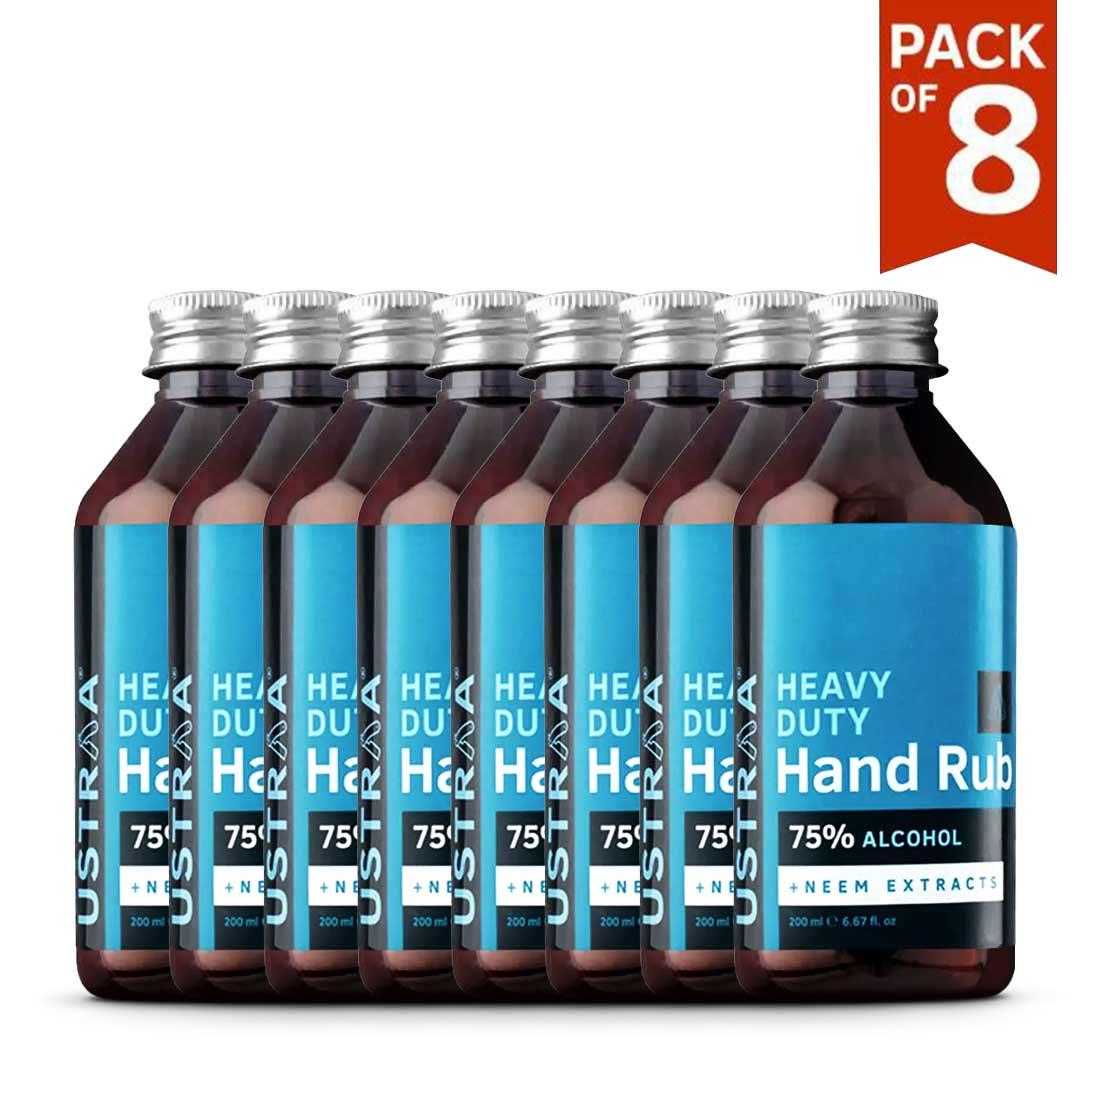 Heavy Duty Hand Rub (Sanitizer) - 200 ml - Set of 8